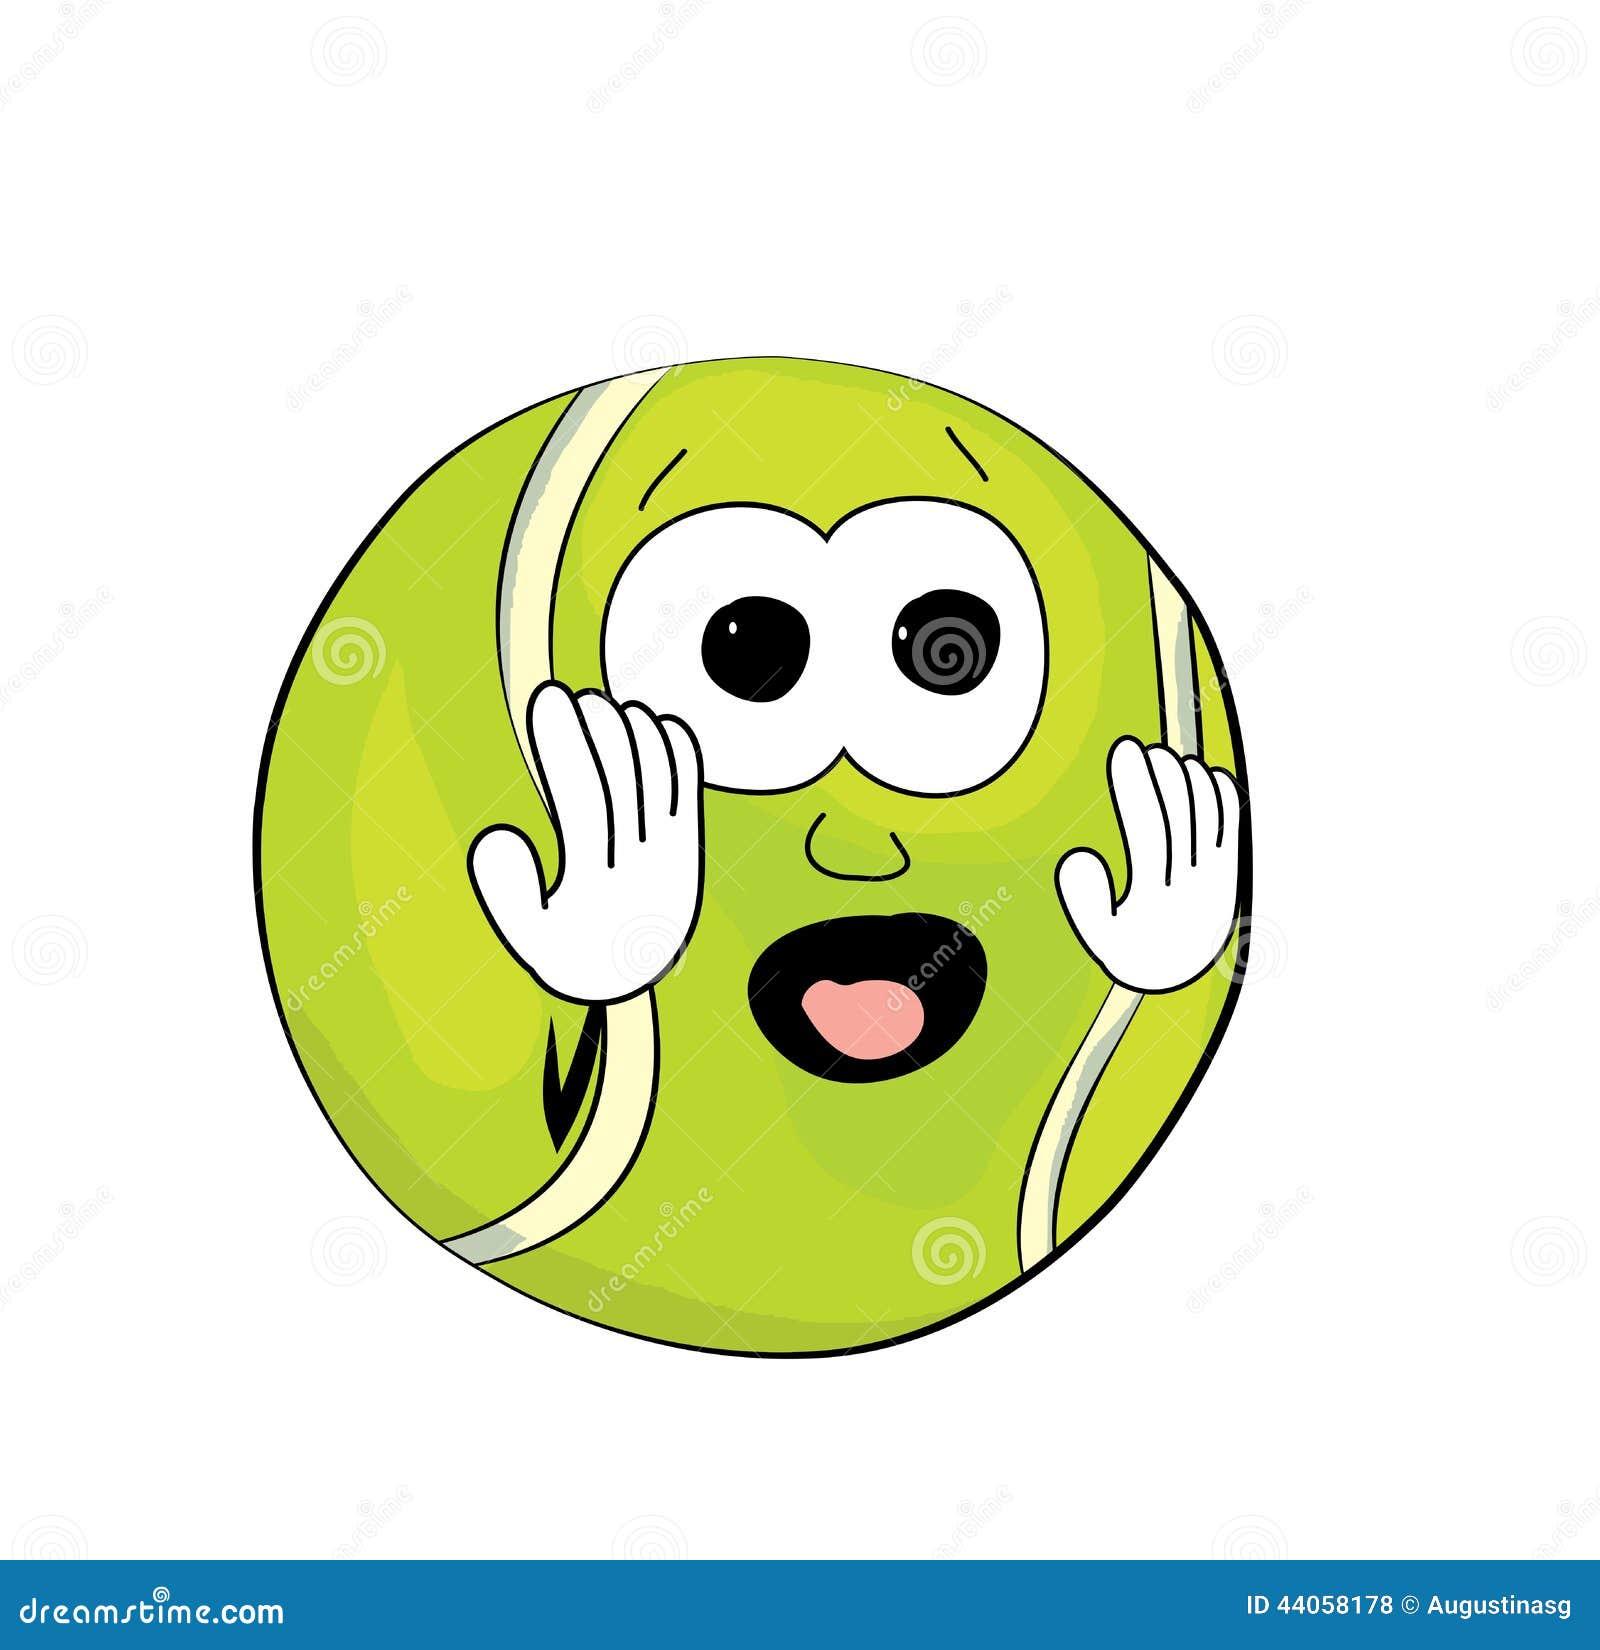 Tenis pelota stock de ilustracion ilustracion libre de stock de - Historieta Asustada De La Pelota De Tenis Stock De Ilustraci N